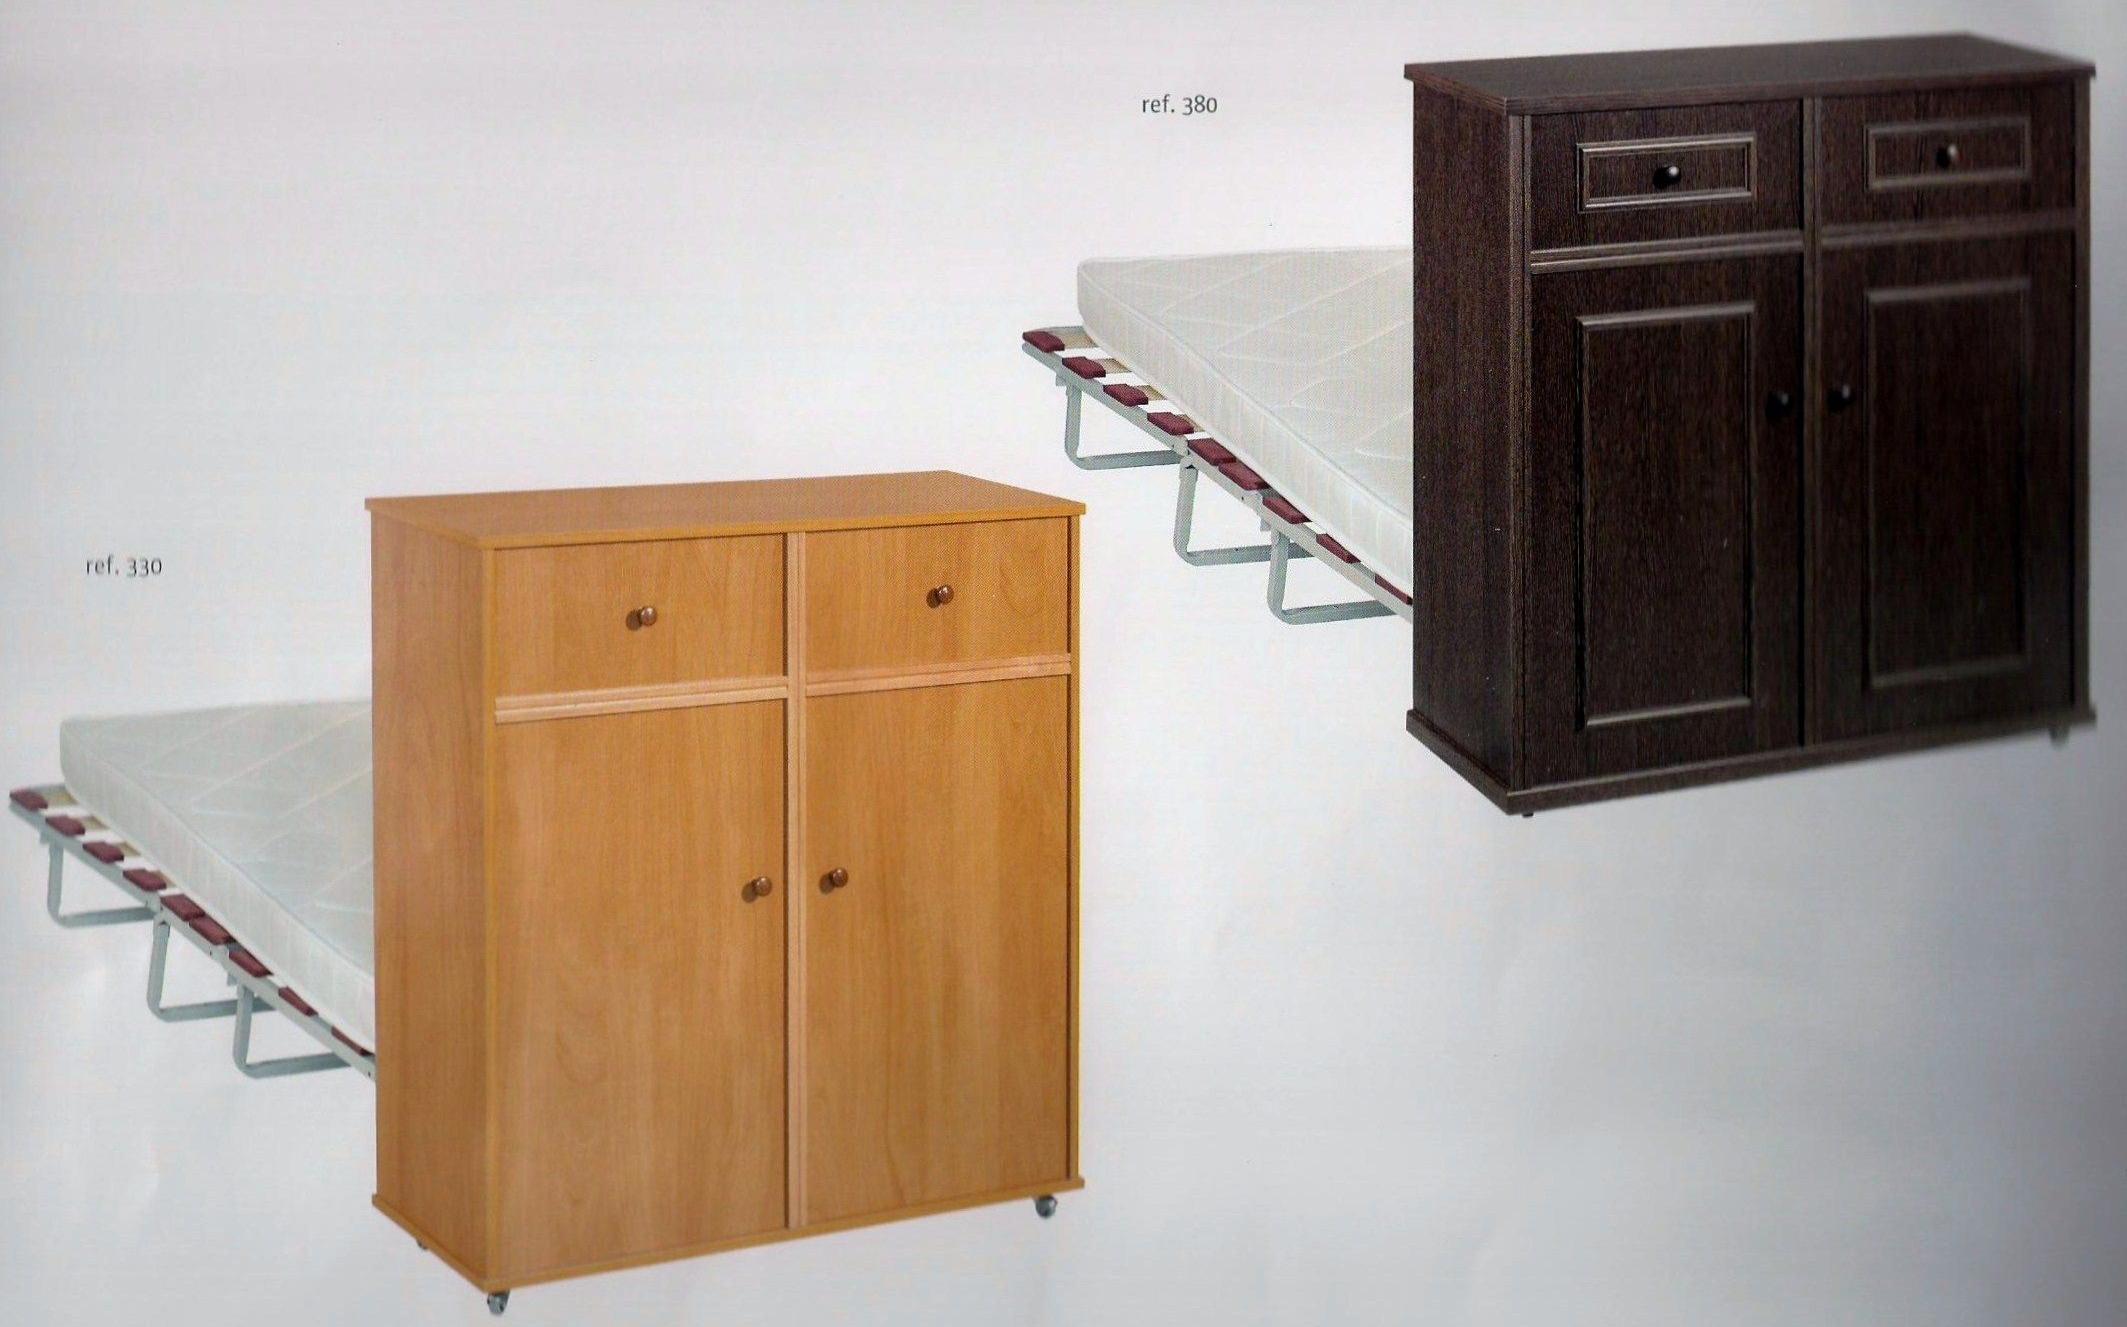 Cama mueble plegable colchones y de for Mueble cama plegable